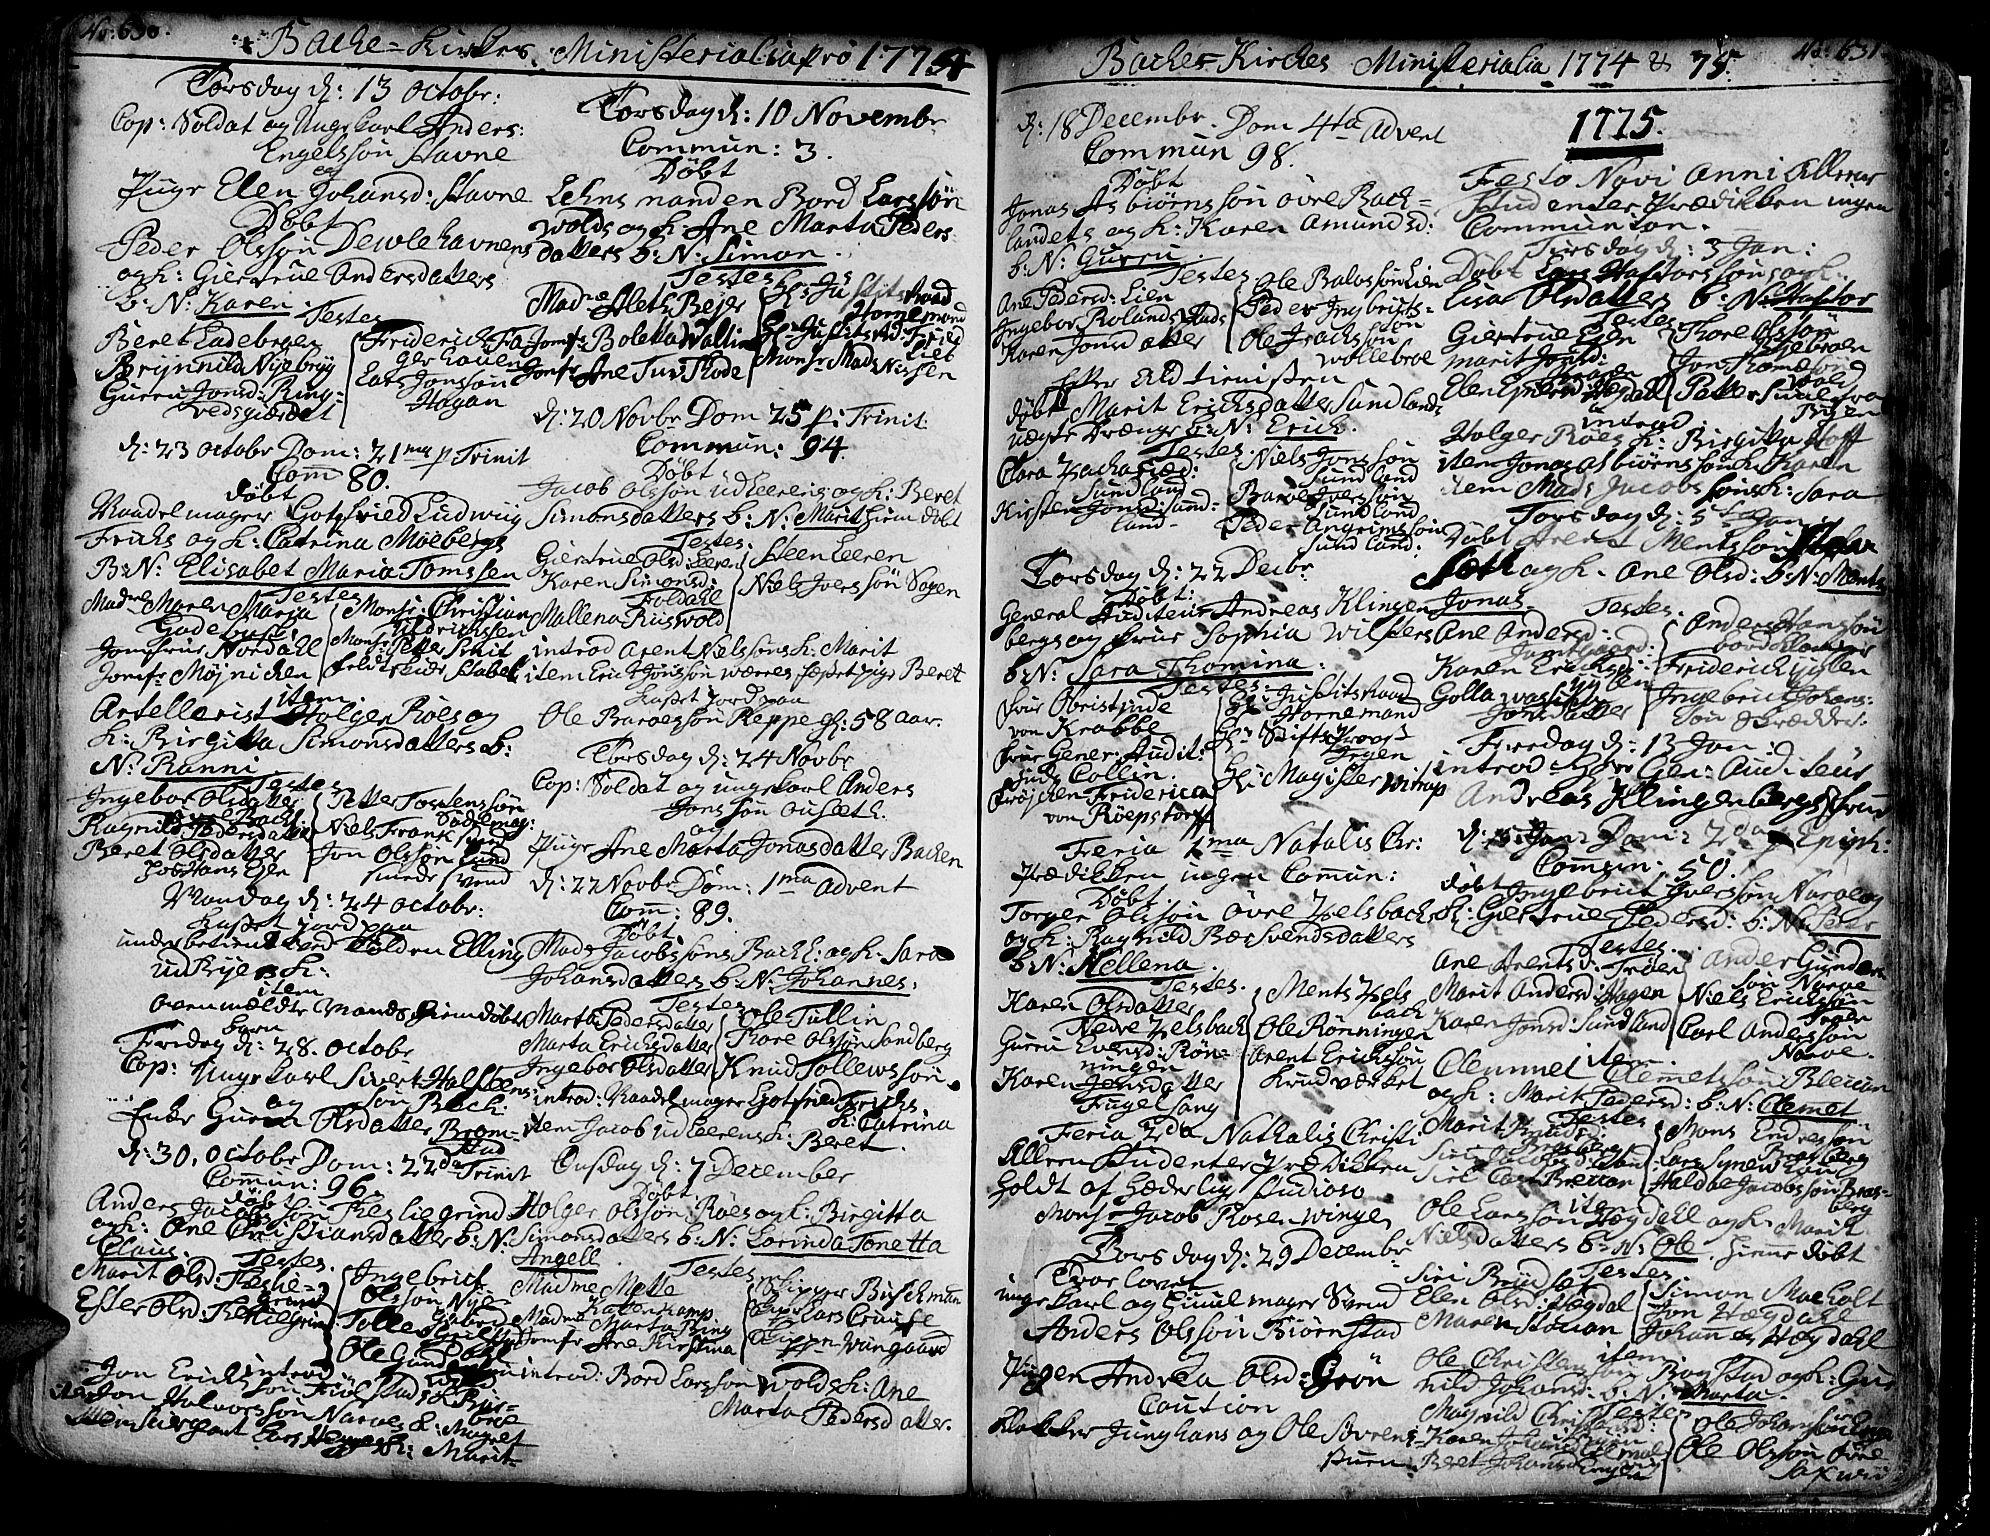 SAT, Ministerialprotokoller, klokkerbøker og fødselsregistre - Sør-Trøndelag, 606/L0276: Ministerialbok nr. 606A01 /2, 1727-1779, s. 630-631